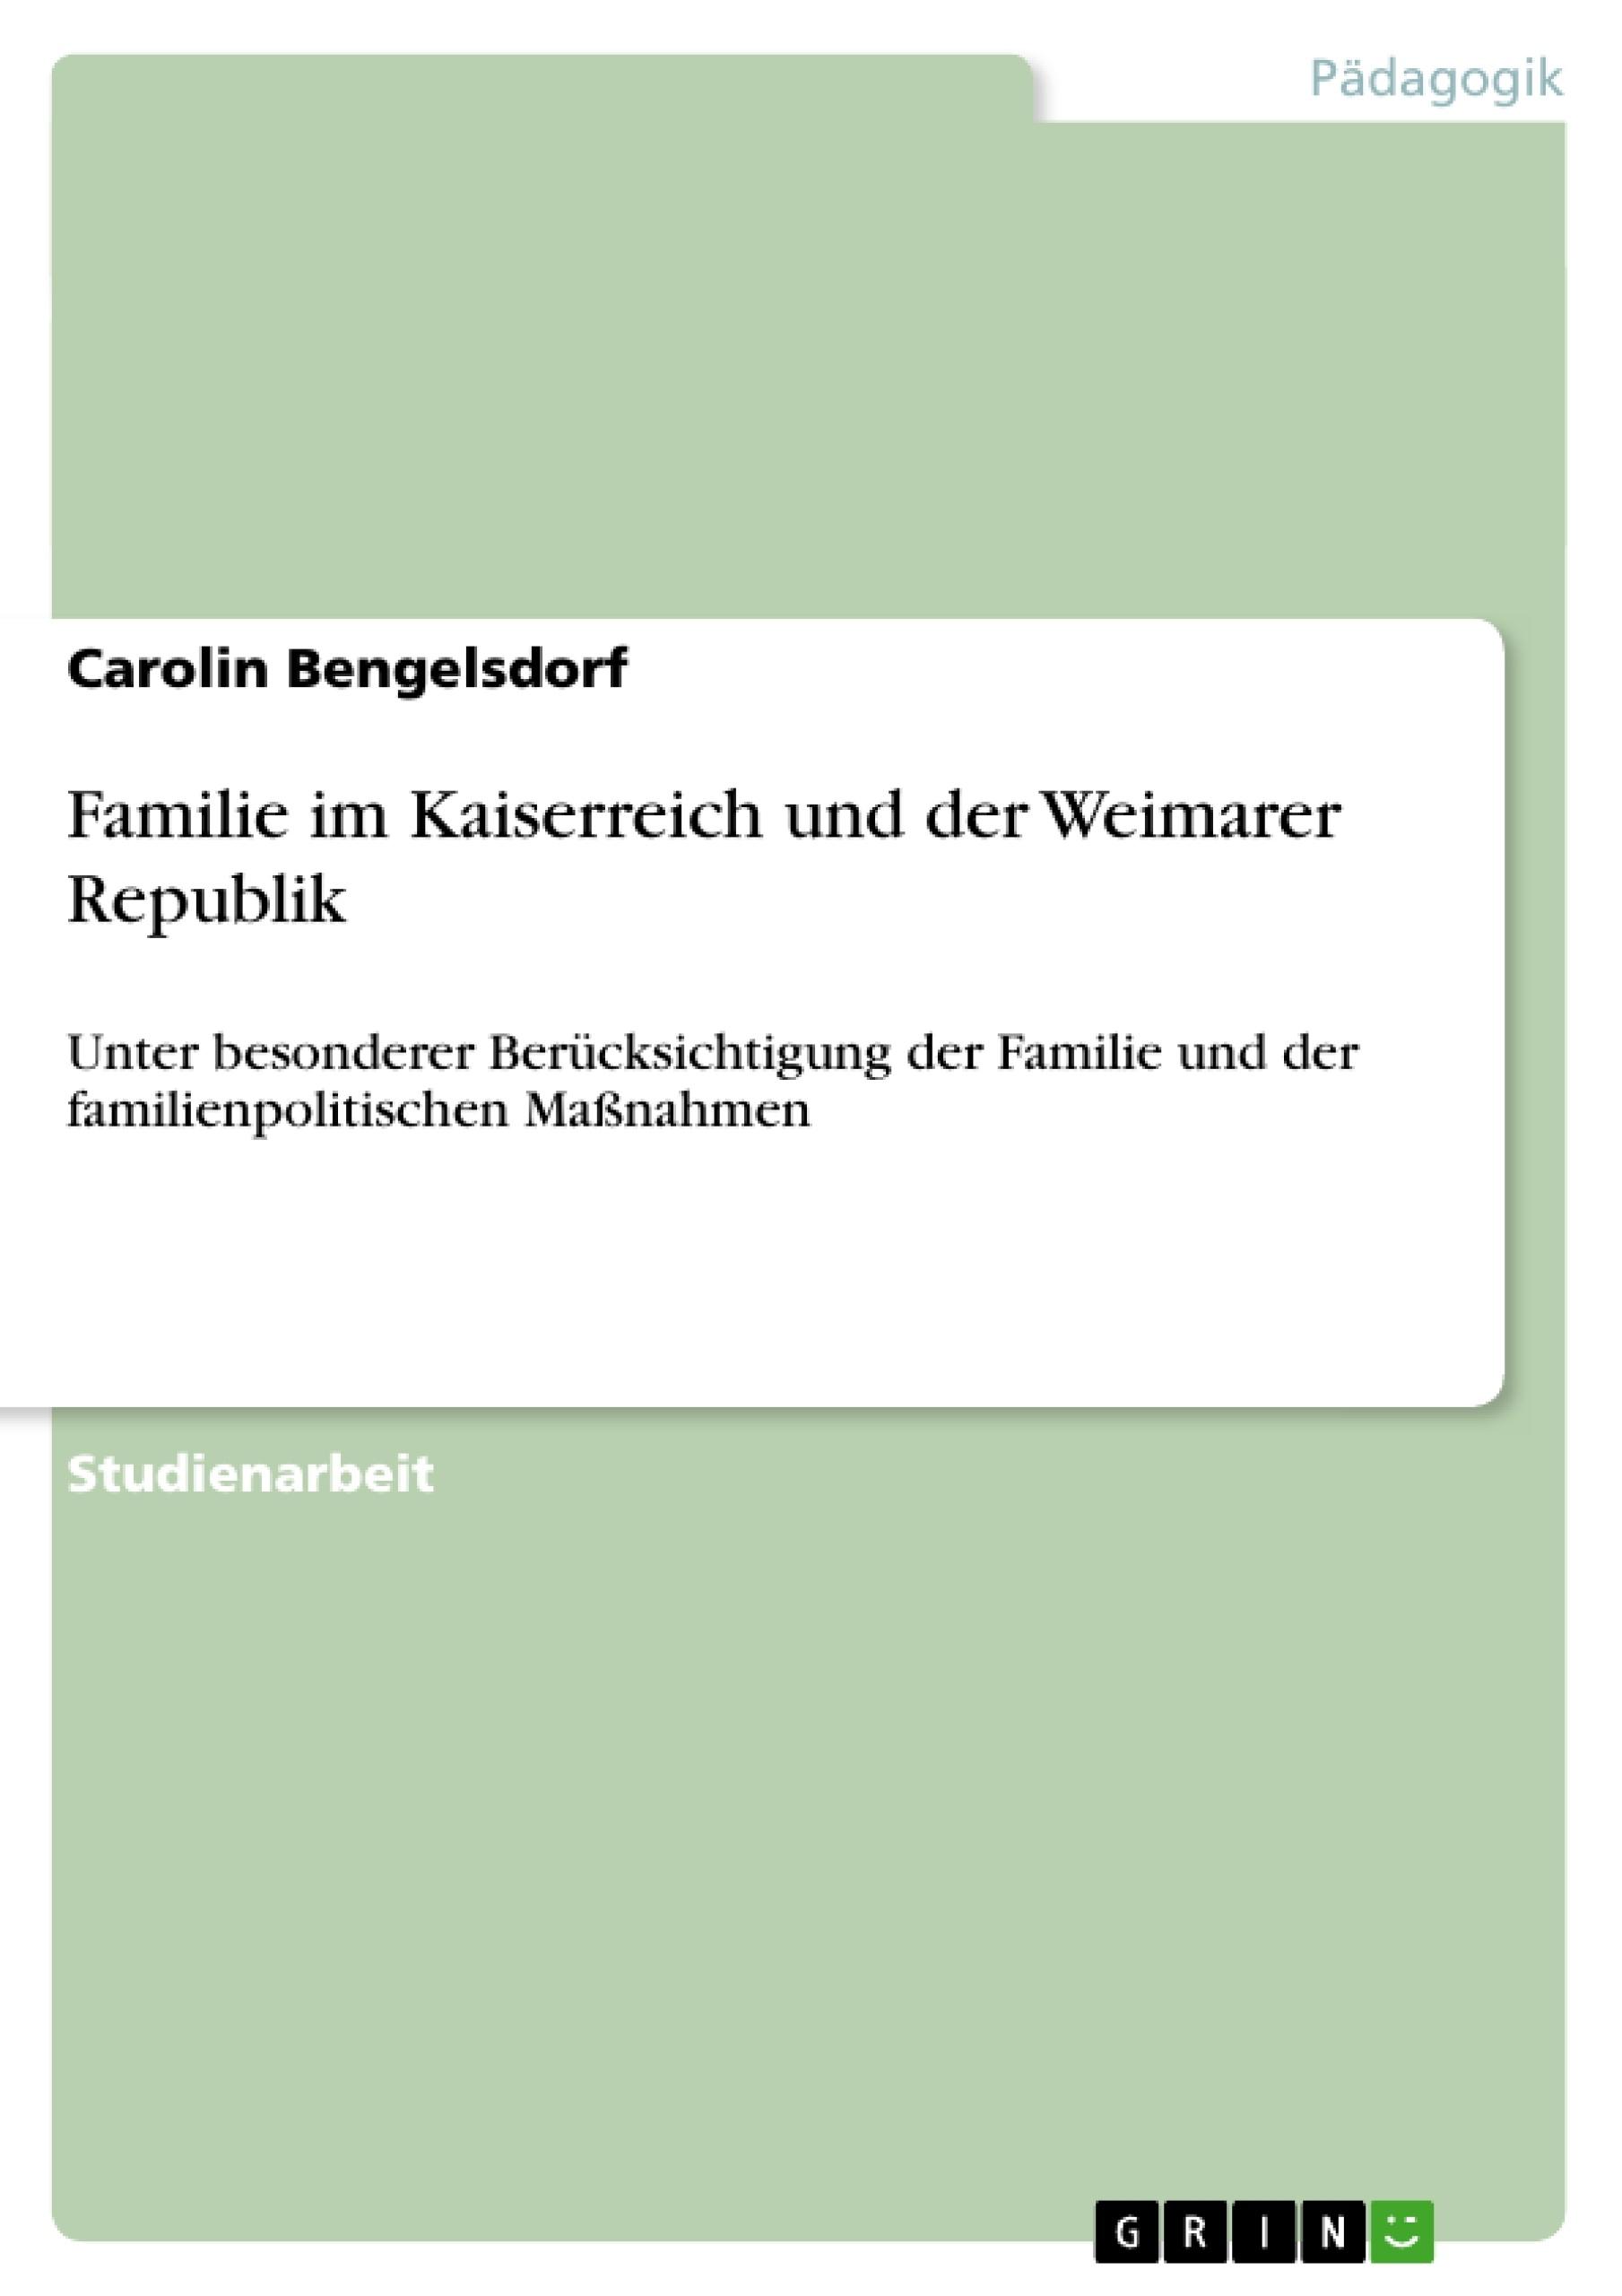 Titel: Familie im Kaiserreich und der Weimarer Republik